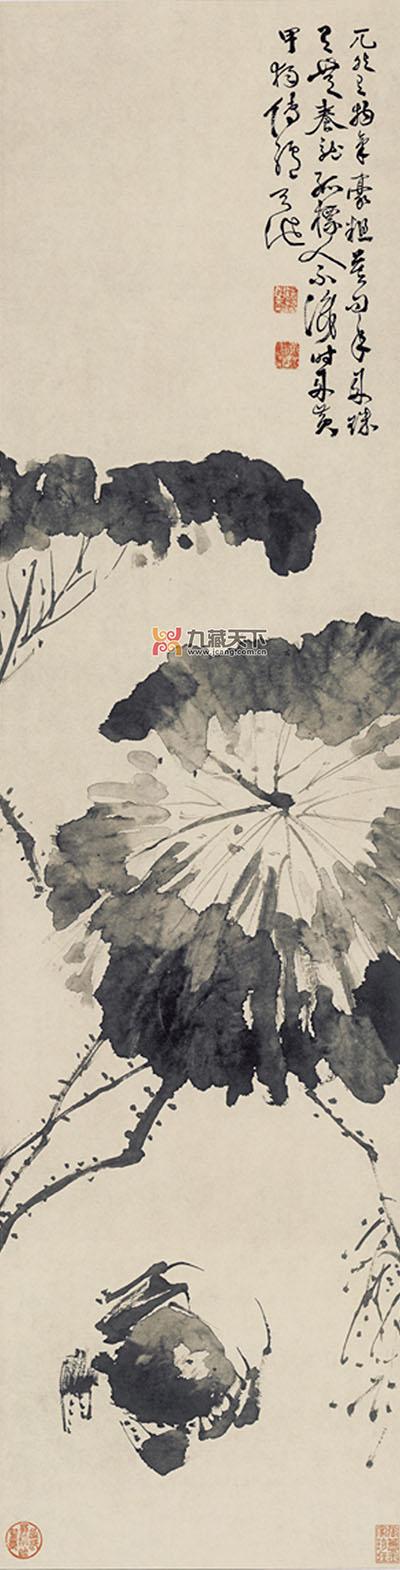 """被集体误读的徐渭代表画作""""黄甲图"""""""